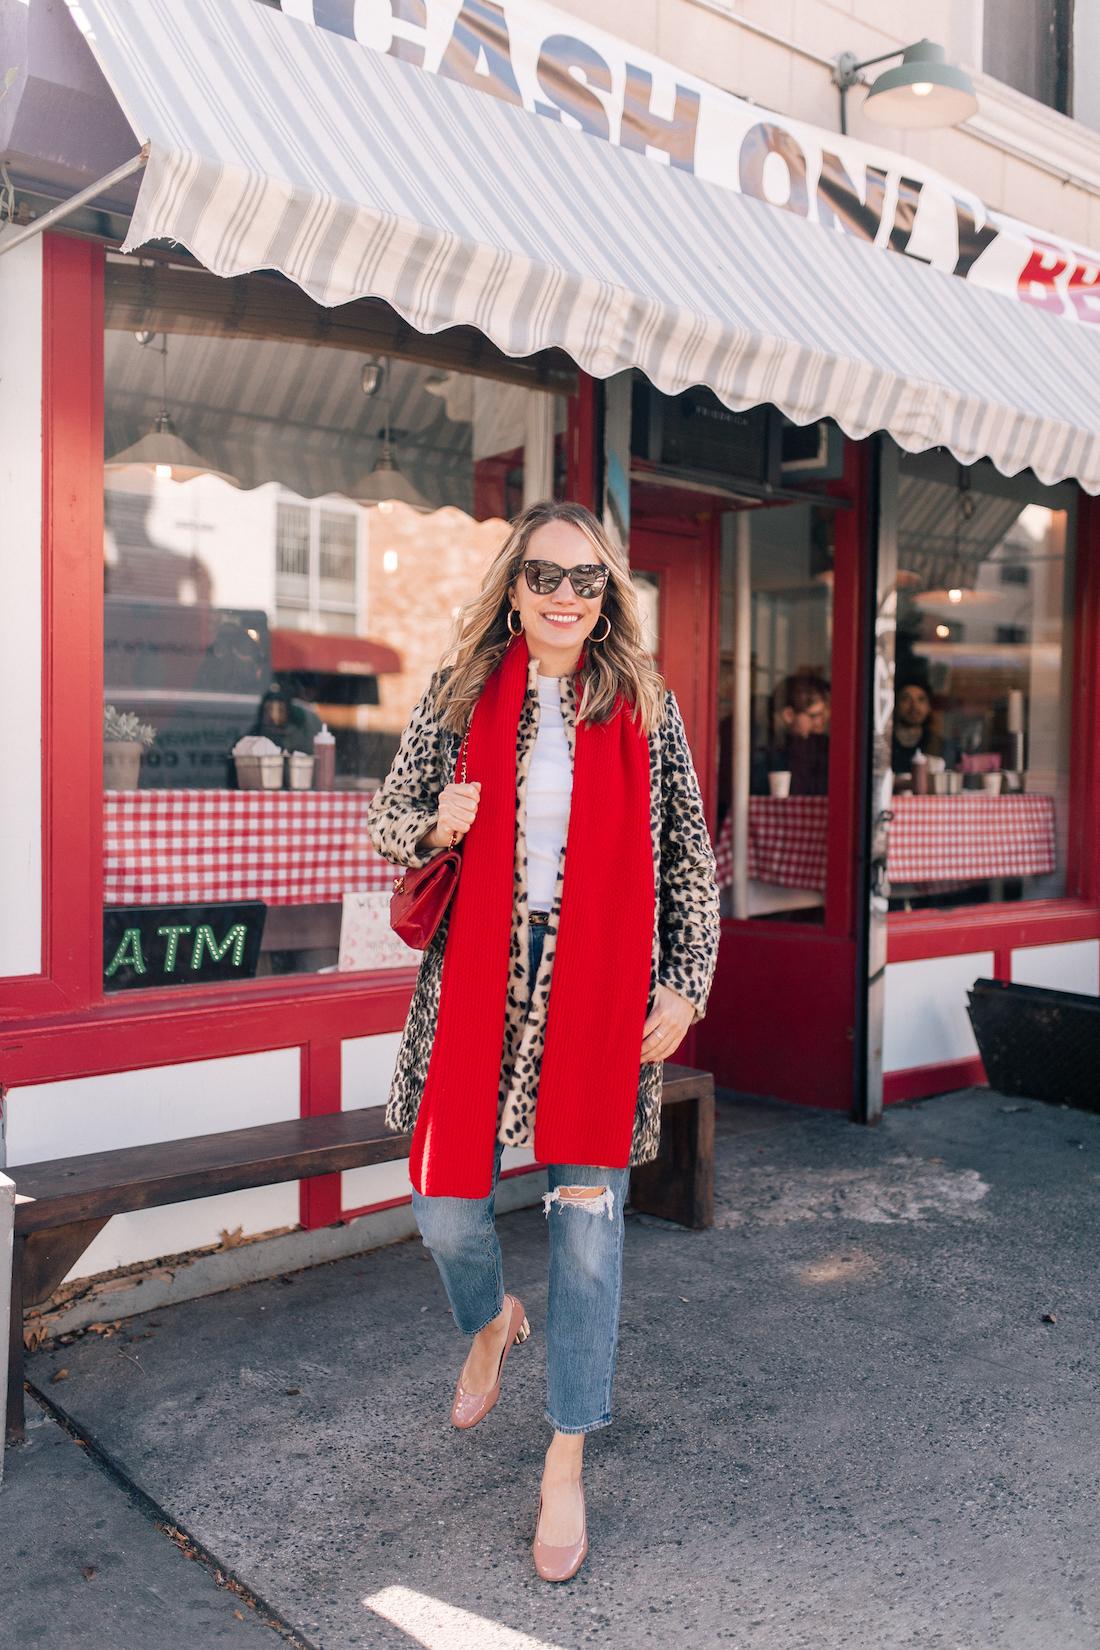 J. McLaughlin Leopard Coat  // Aether Scarf // x Karla Tee // Levi's Jeans // Vintage Chanel Purse // Ferragamo Heels // Polaroid Sunglasses// BaubleBar Earrings - The Stripe